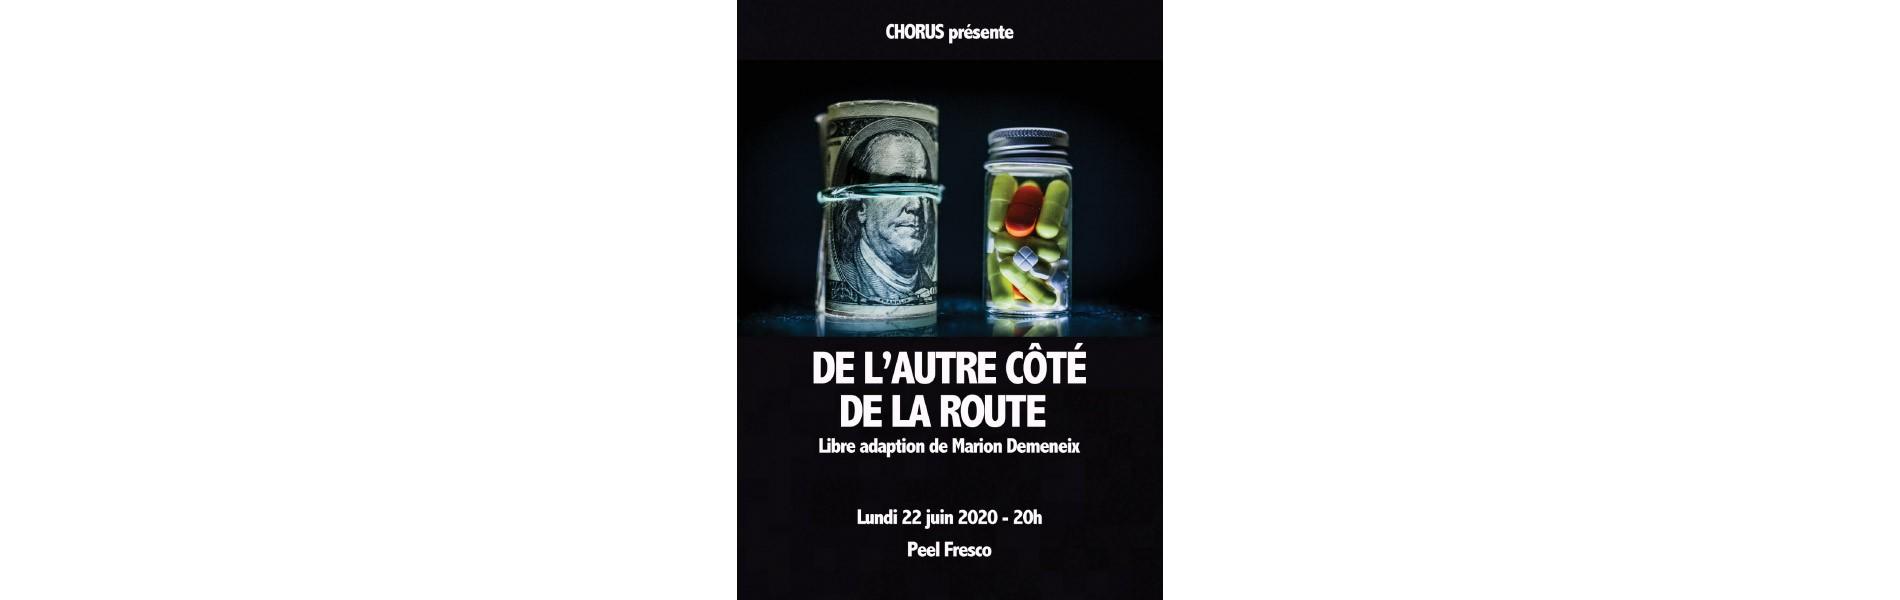 DE L'AUTRE CÔTÉ DE LA ROUTE - 22 juin 2020